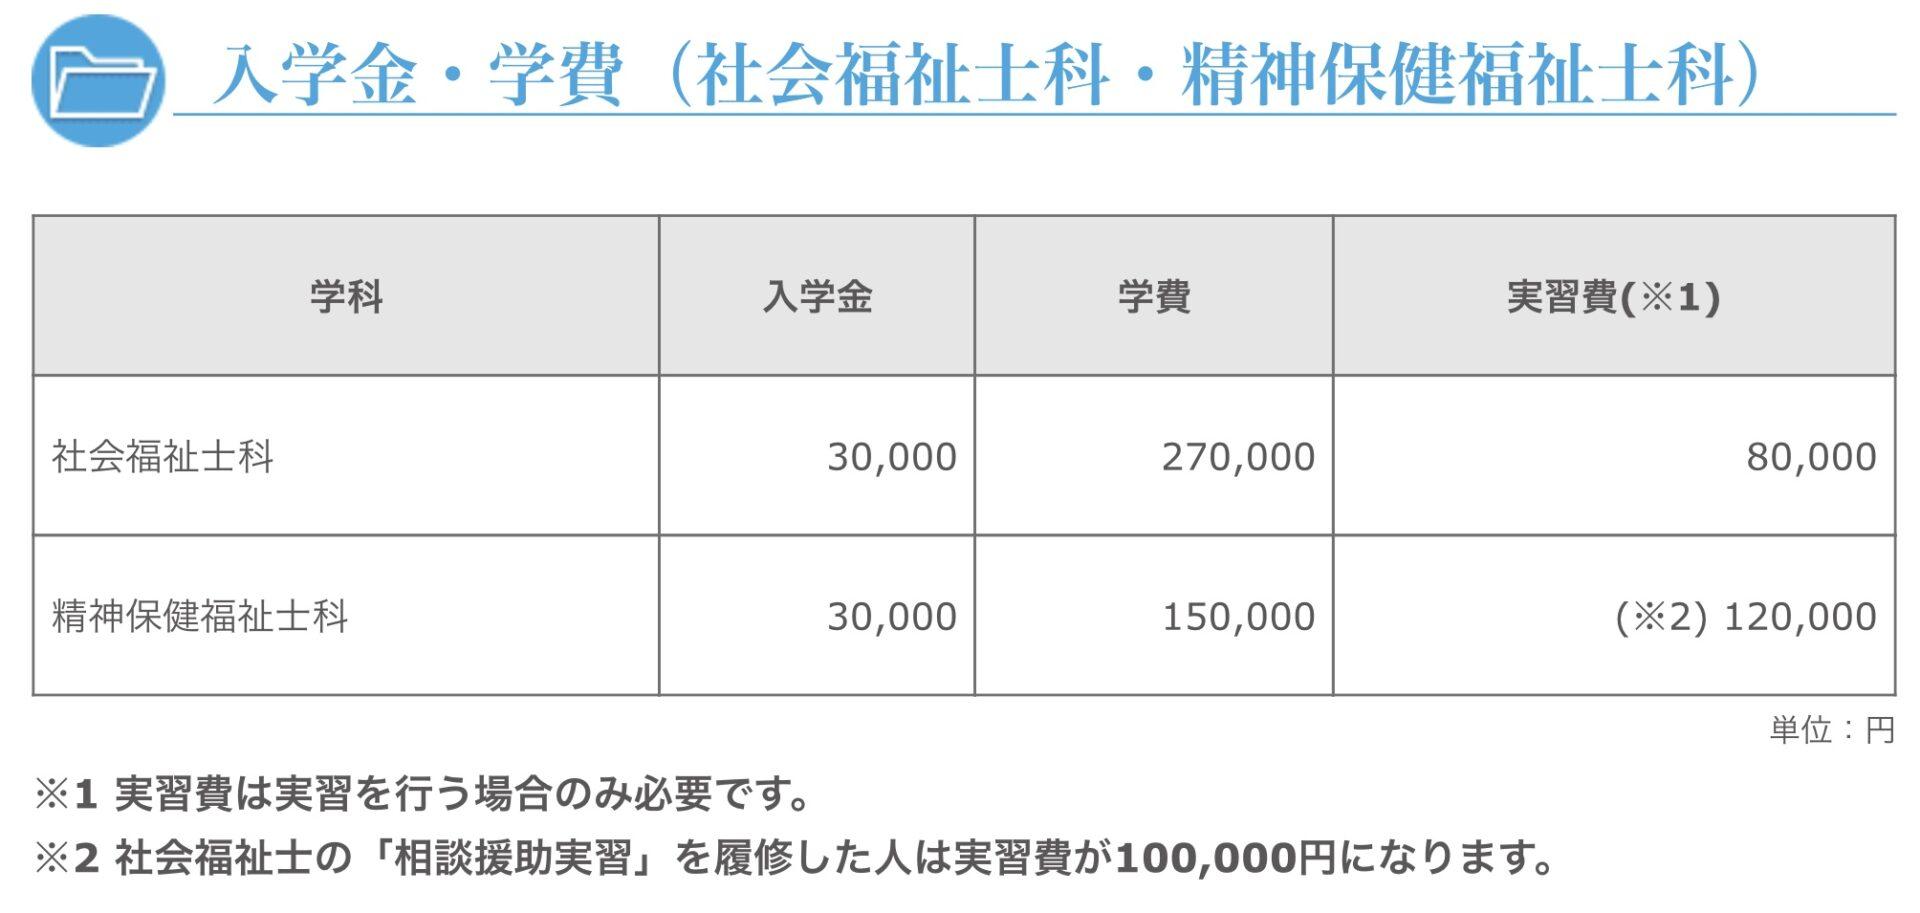 広島福祉福祉専門学校学費